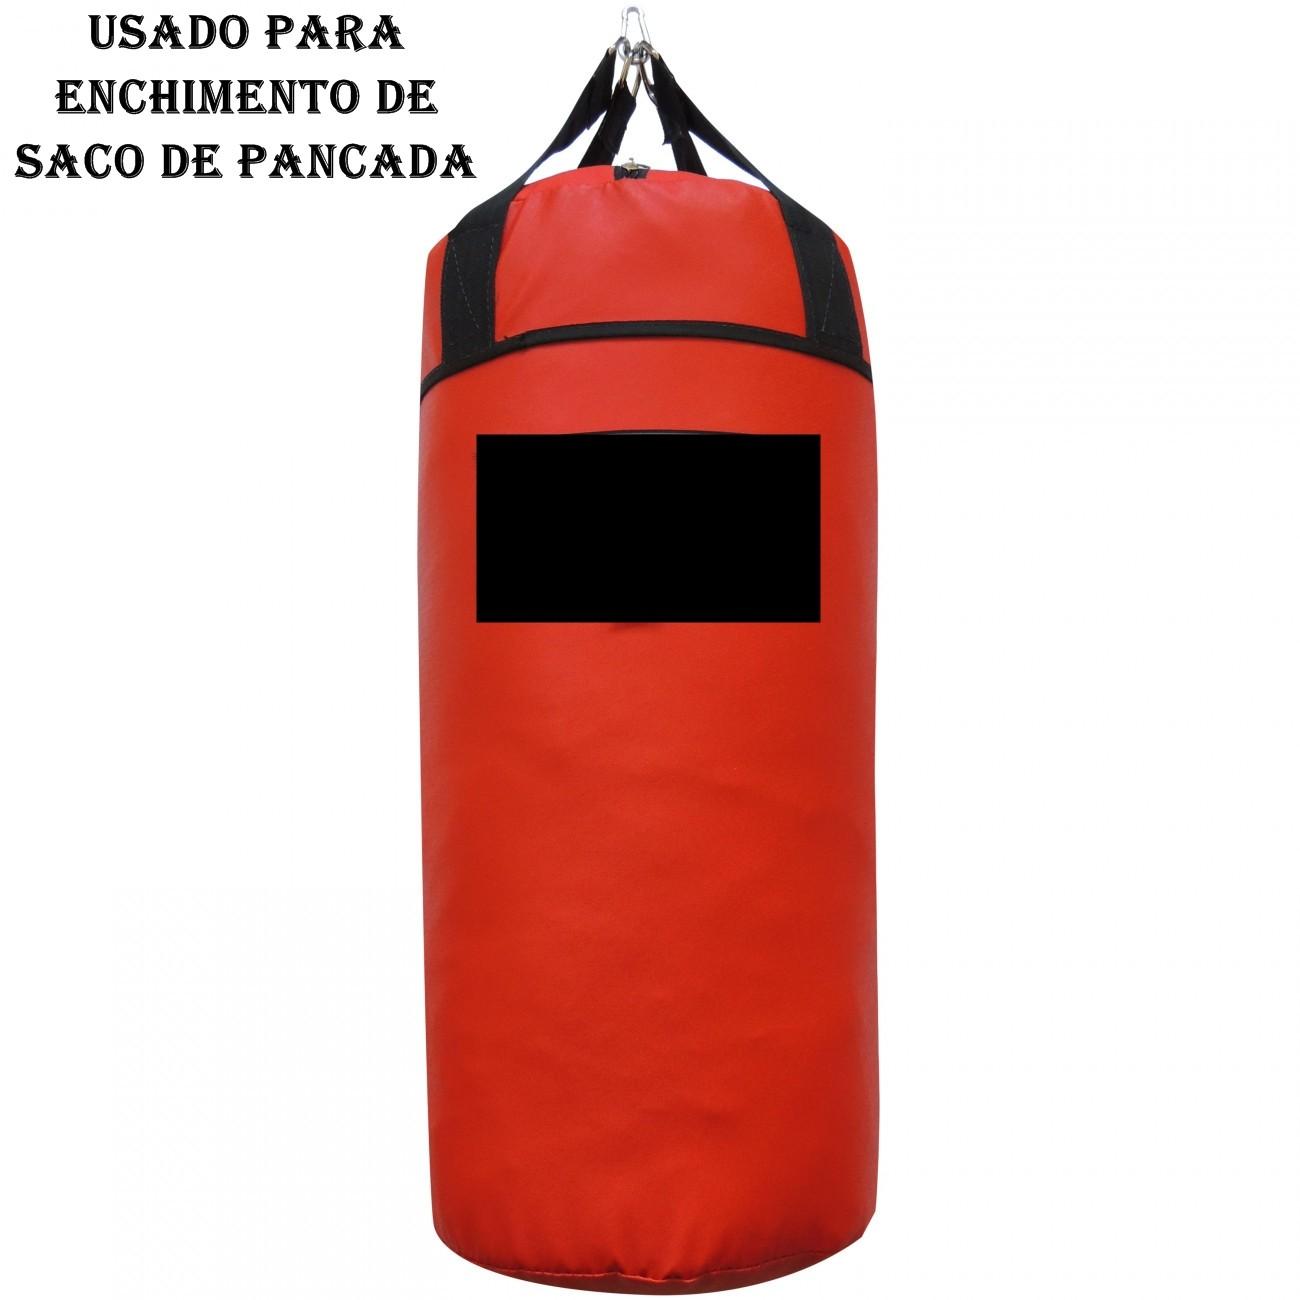 20 Kgs Retalho 100% Poliéster Para Enchimento Pedaços  - HF | High Flight